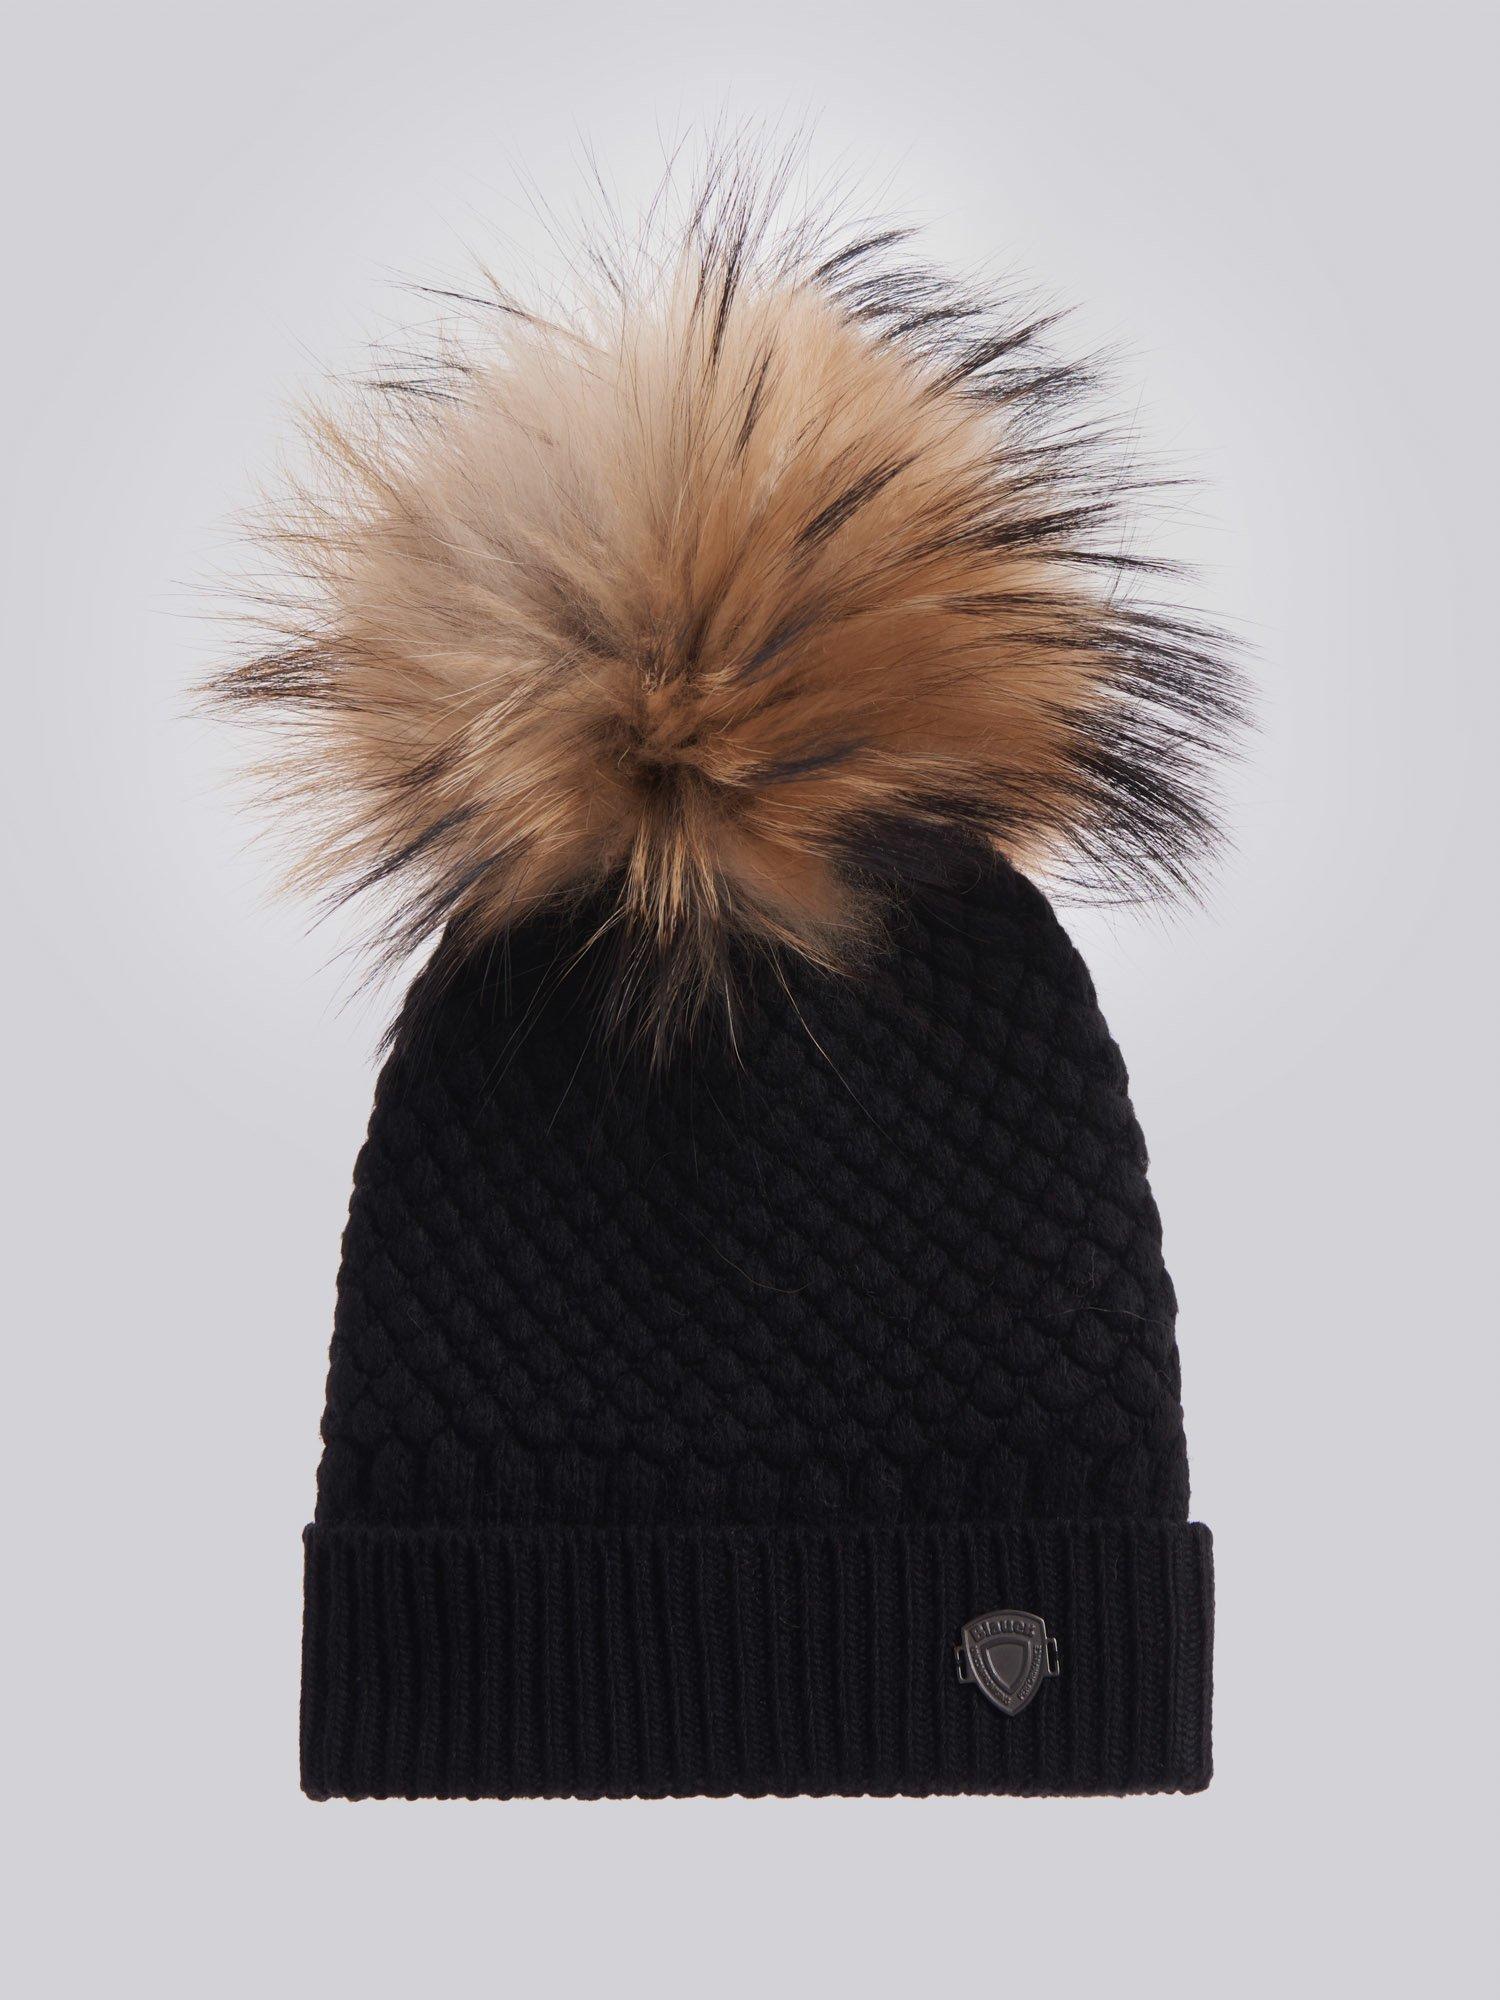 Blauer - CAP WITH POM POM - Black - Blauer